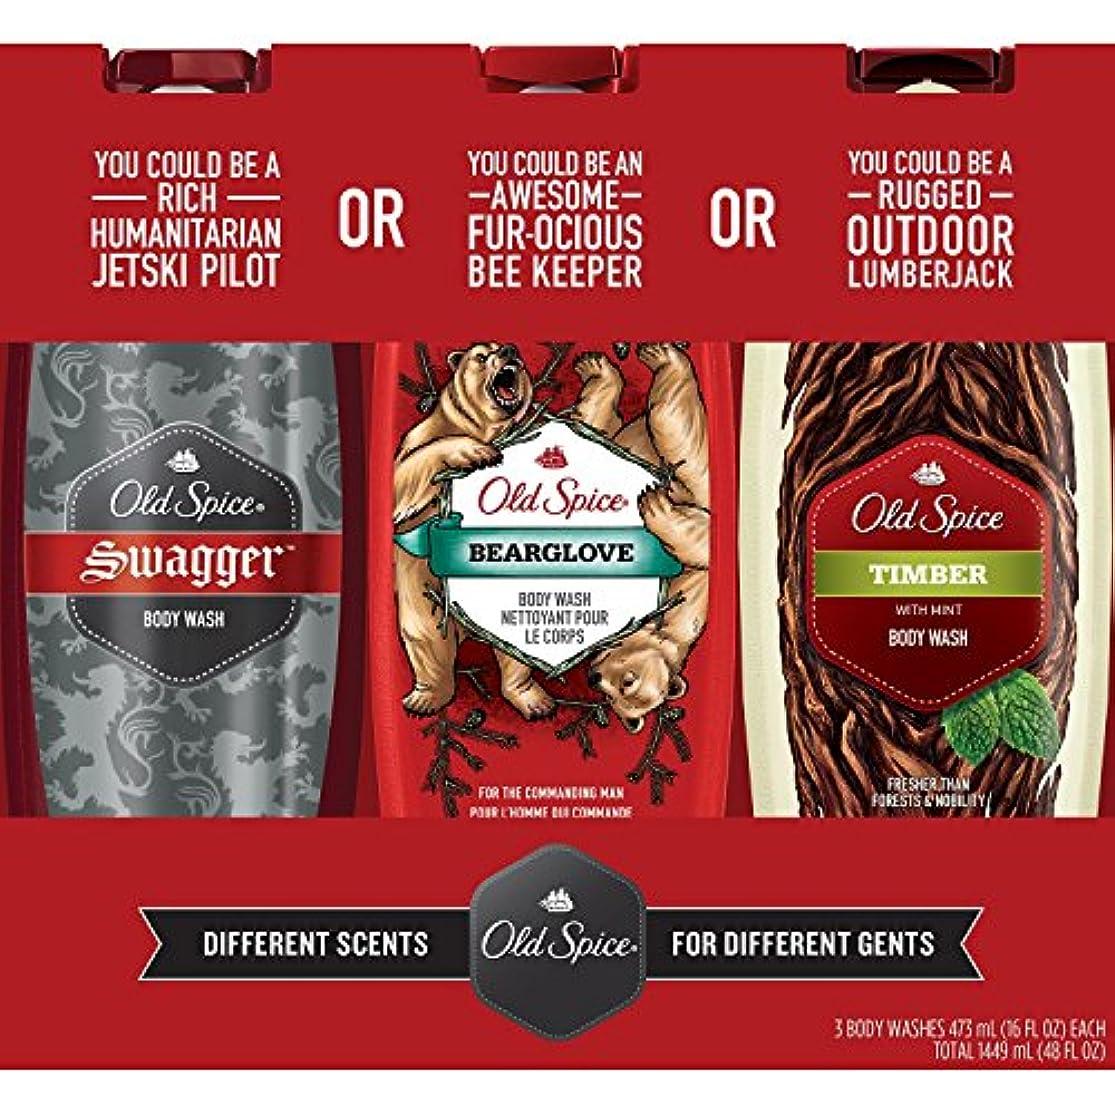 過ち測定乱暴なOld Spice Body Wash Variety Pack (16 fl. oz., 3 pk by Procter & Gamble [並行輸入品]